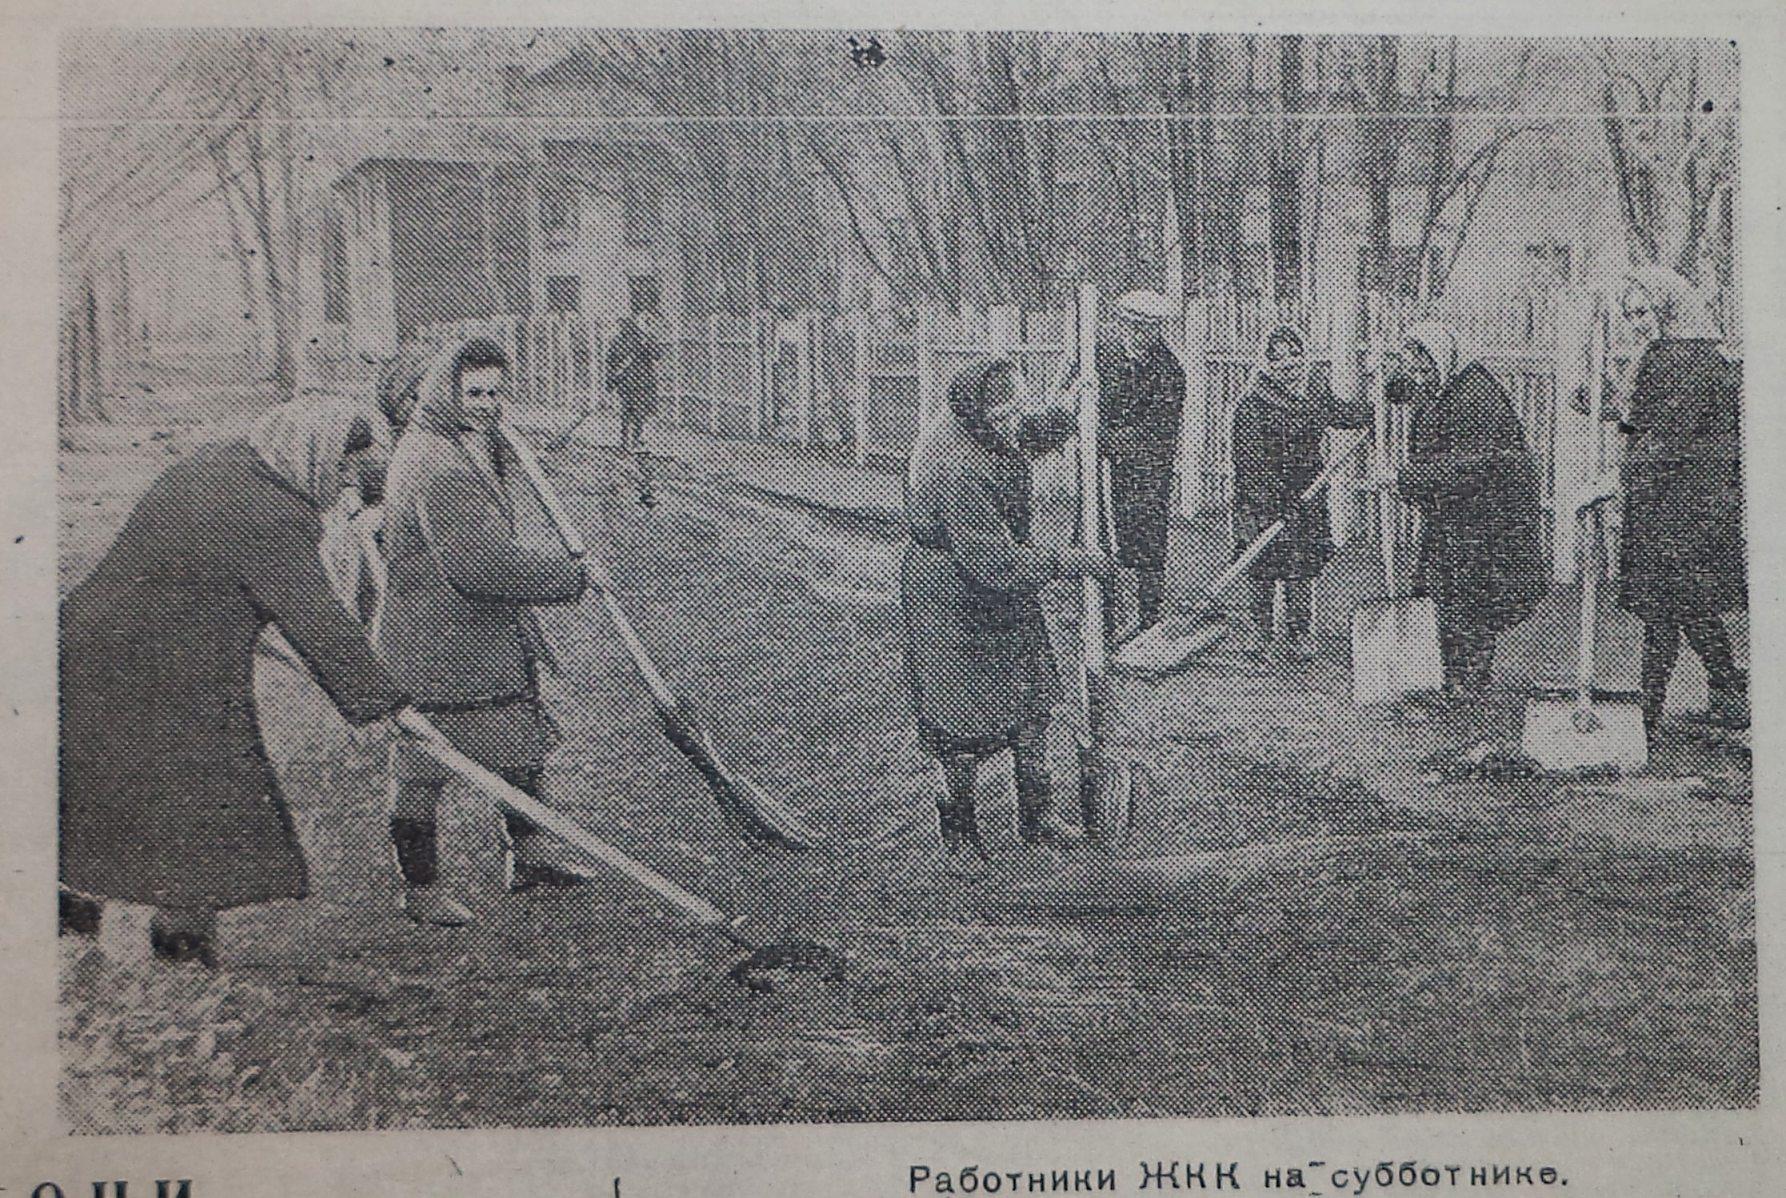 Ставропольская-ФОТО-04-Труд строителя-1969-29 апреля-min